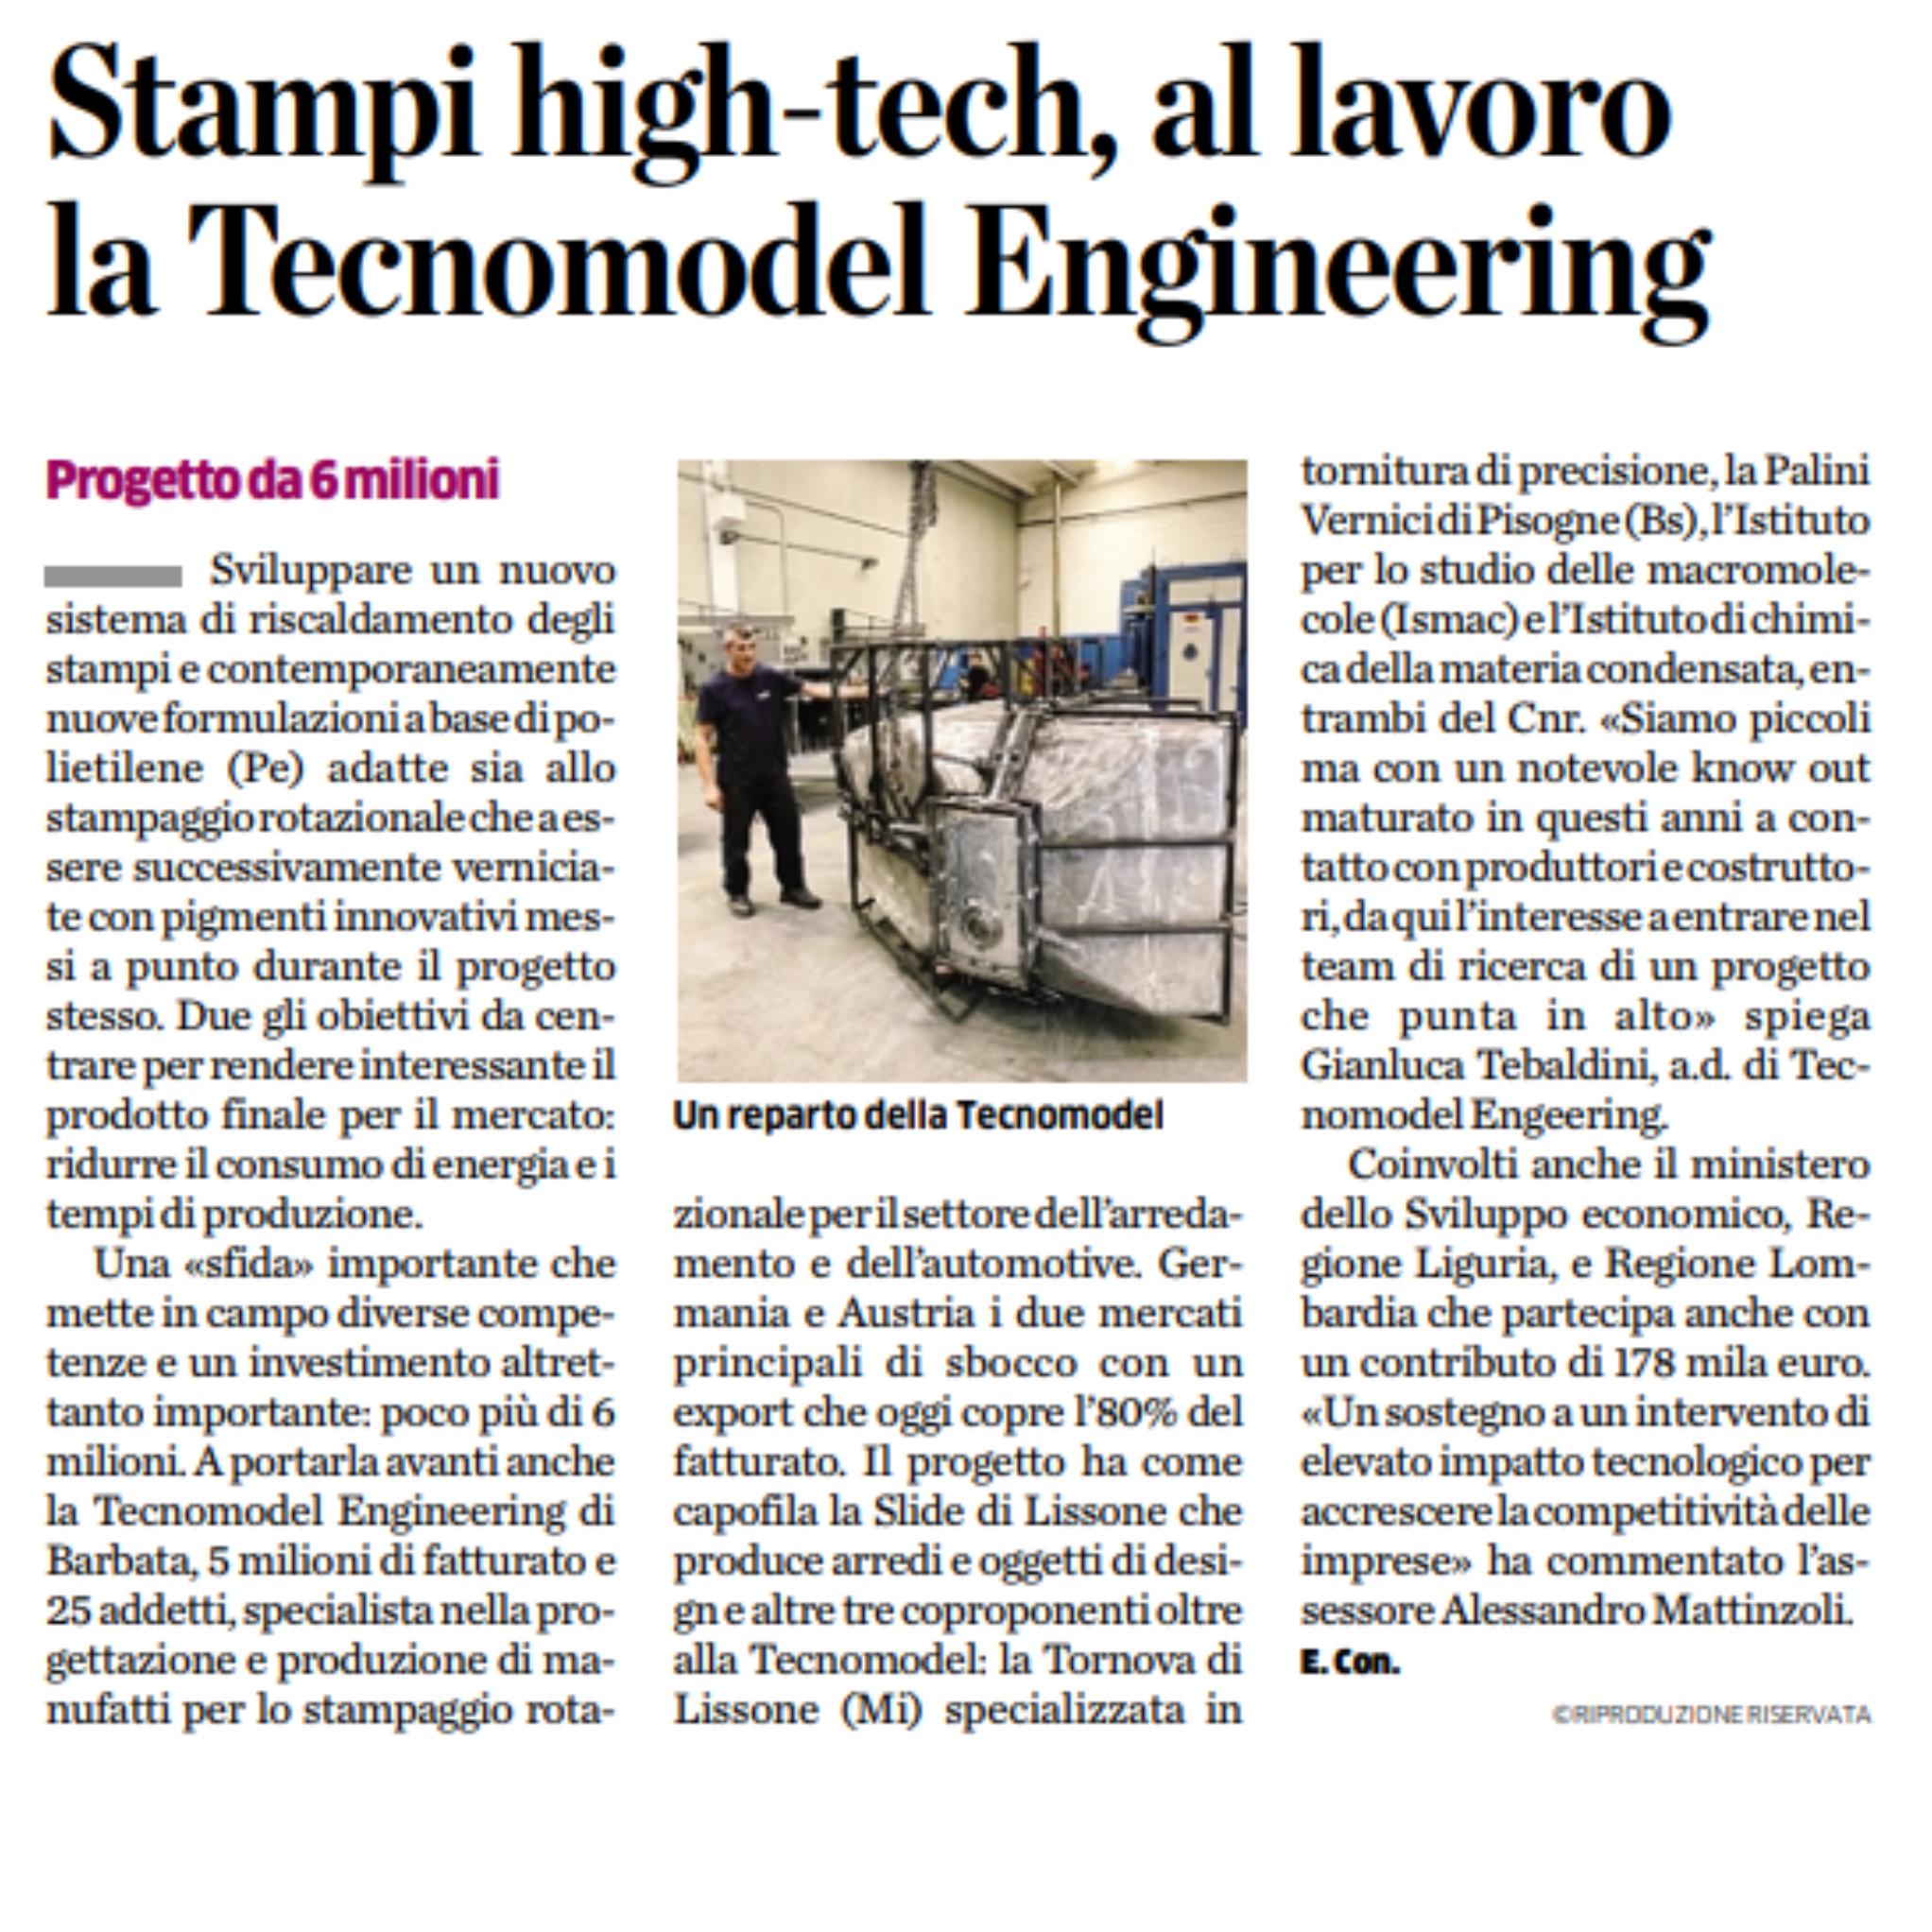 Articolo-apparso-su-L'eco-di-Bergamo